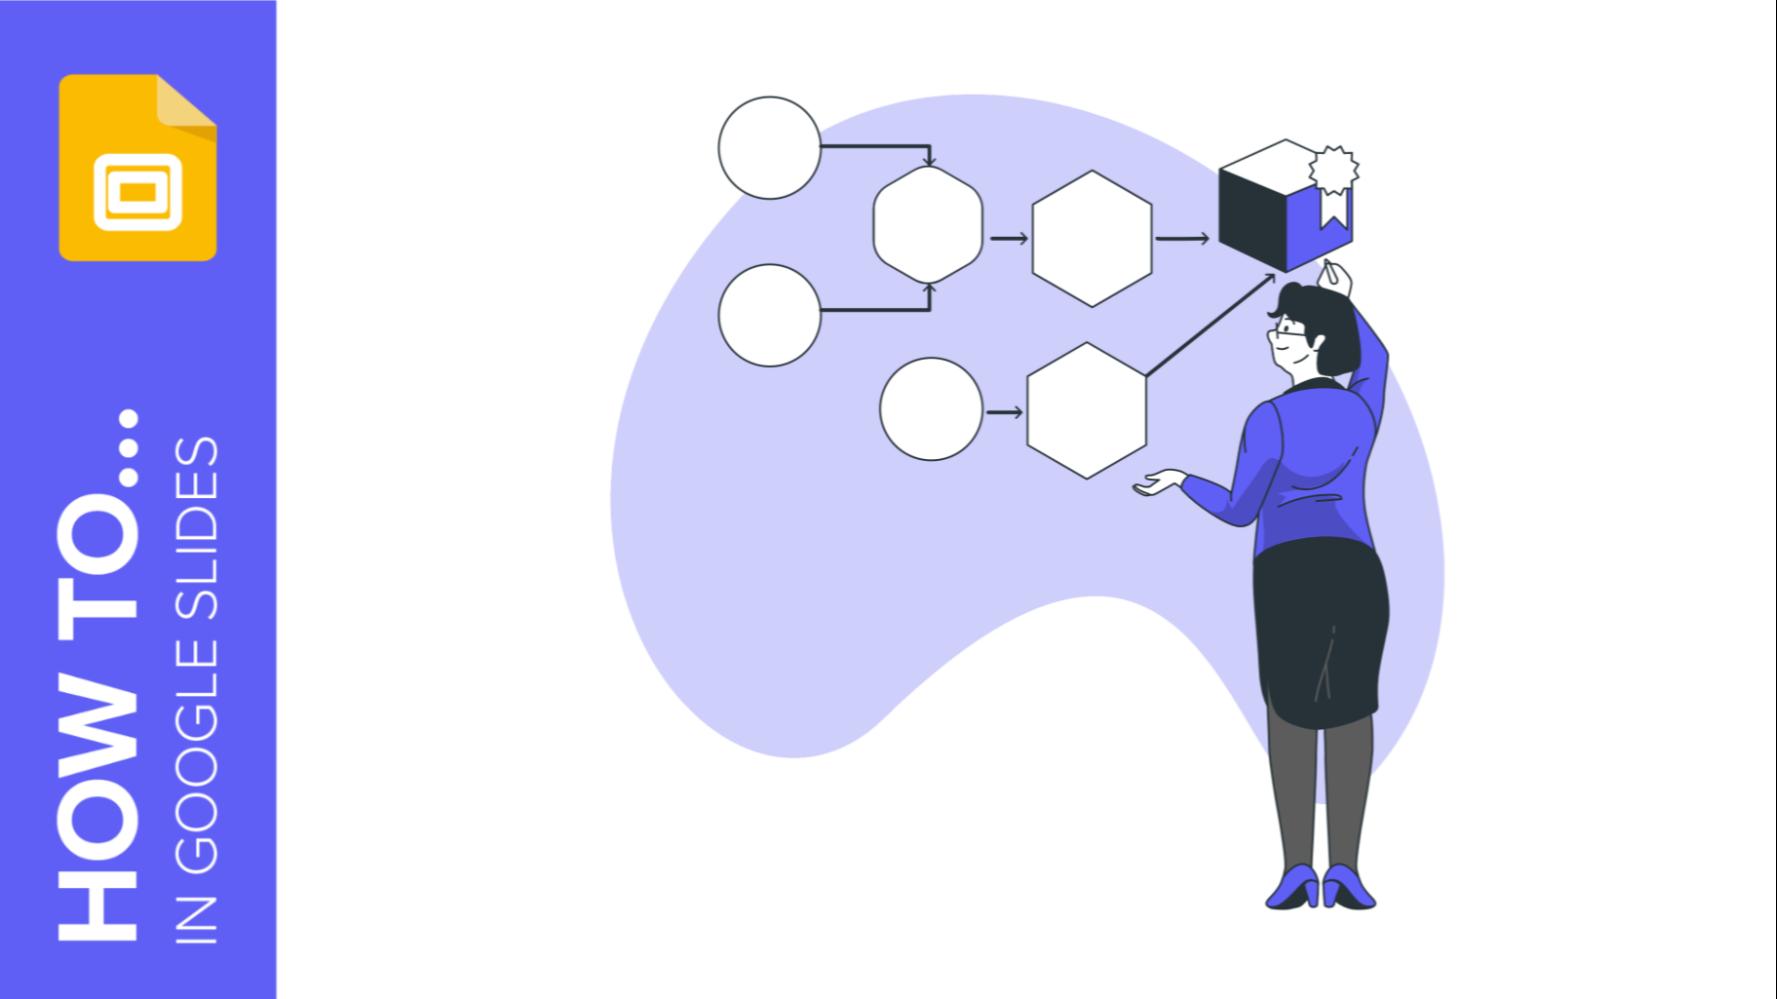 How to Create Flowcharts in Google Slides | Schnelle Tipps & Tutorials für deine Präsentationen